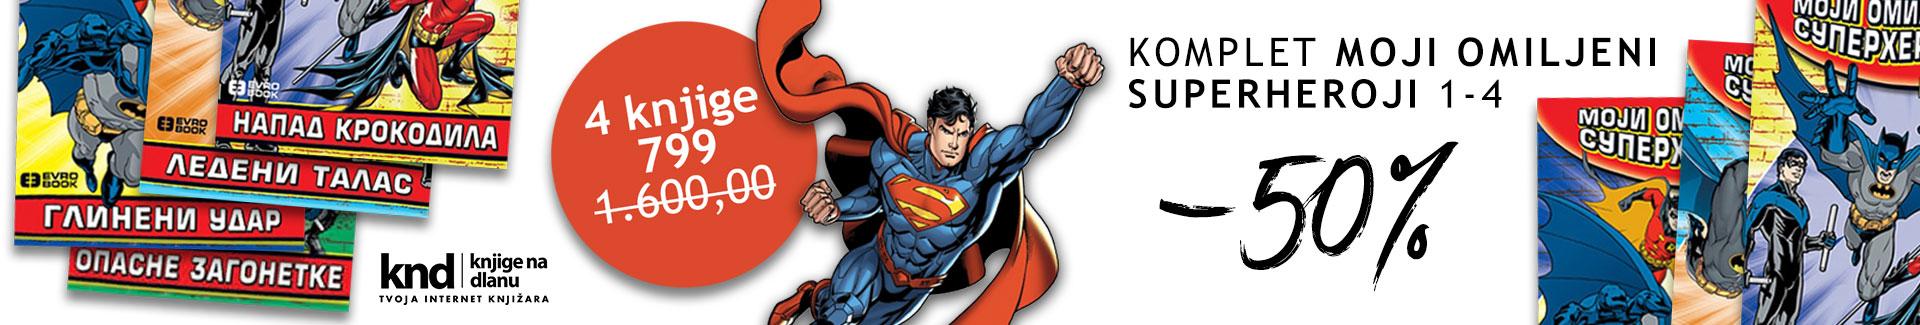 Komplet Superheroji 1-4 – 4 knjige za 799 dinara